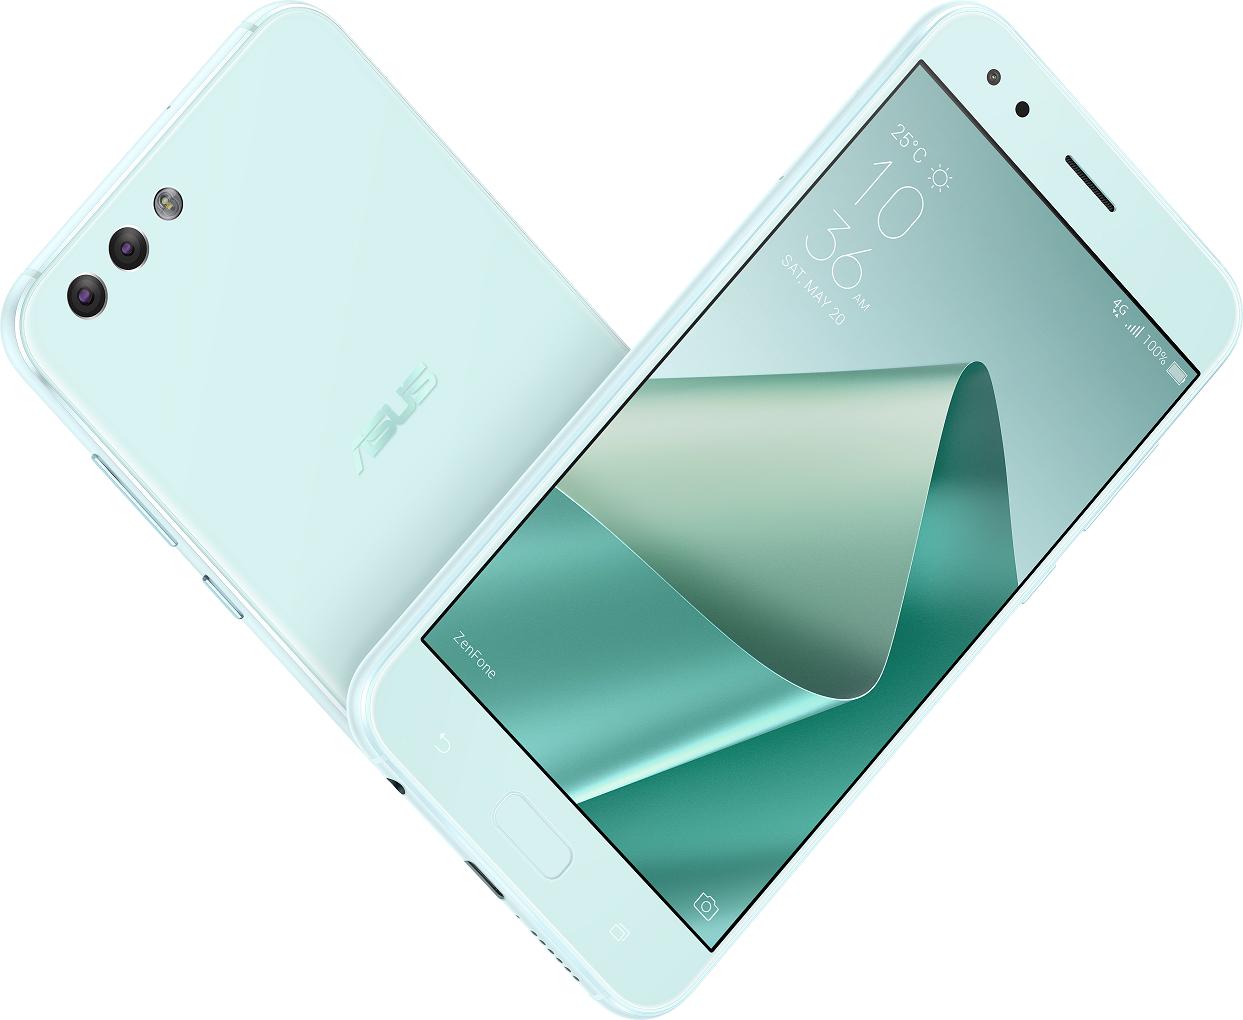 是孔劉最愛的 ZenFone 4「薄荷綠」新色粉漾登場這篇文章的首圖